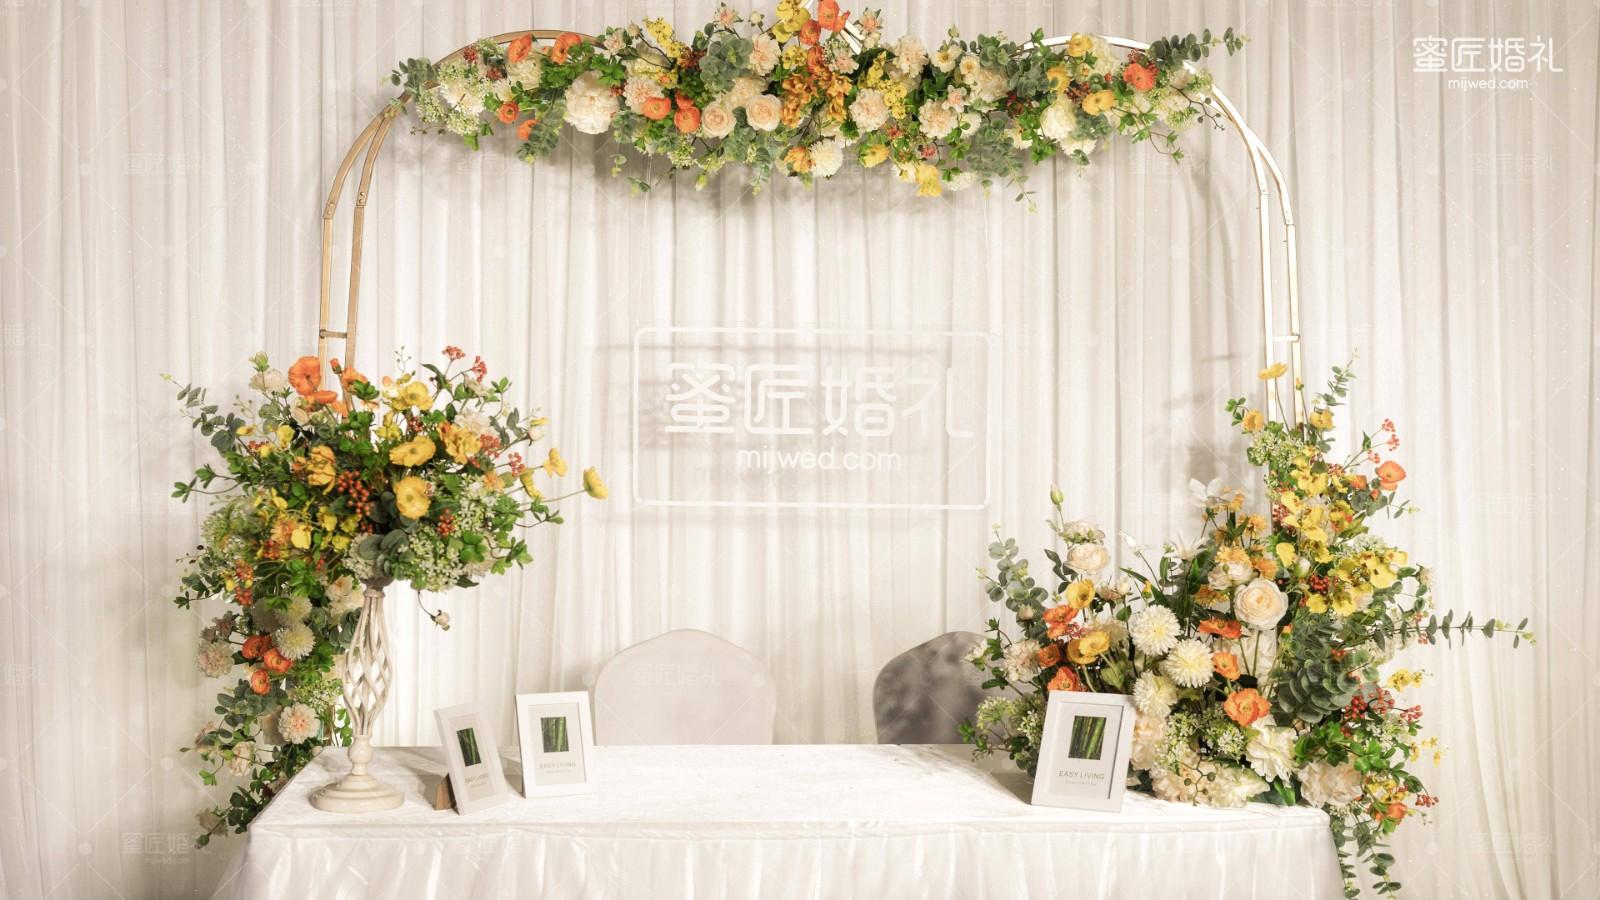 清新活泼婚礼主题风格